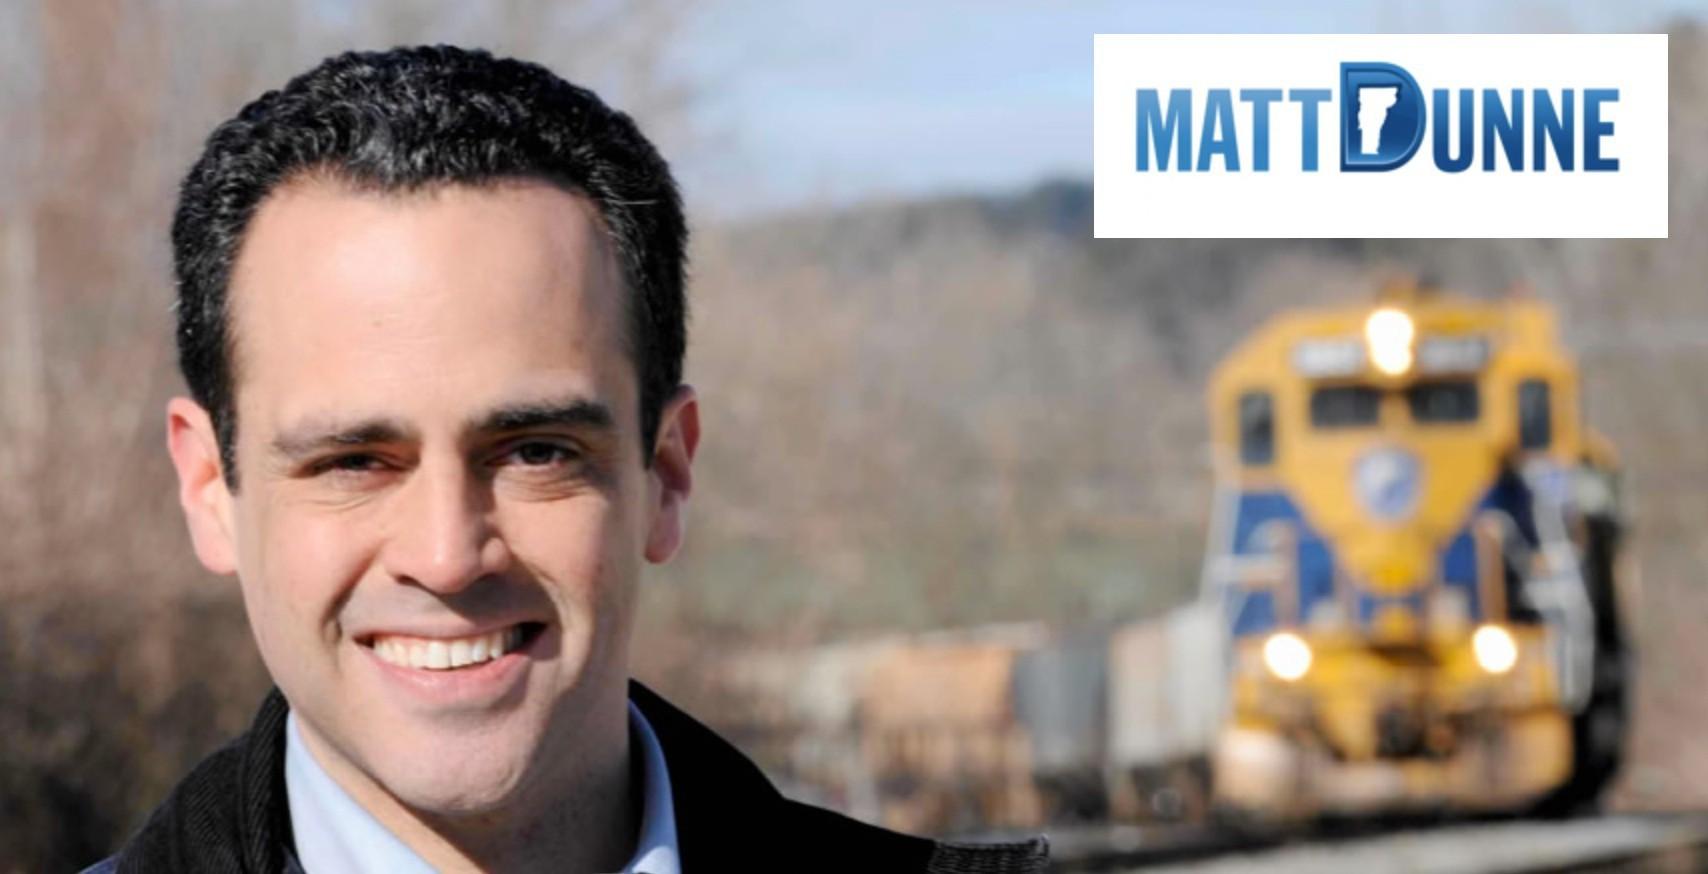 MATT DUNNE'S CAMPAIGN WEBSITE